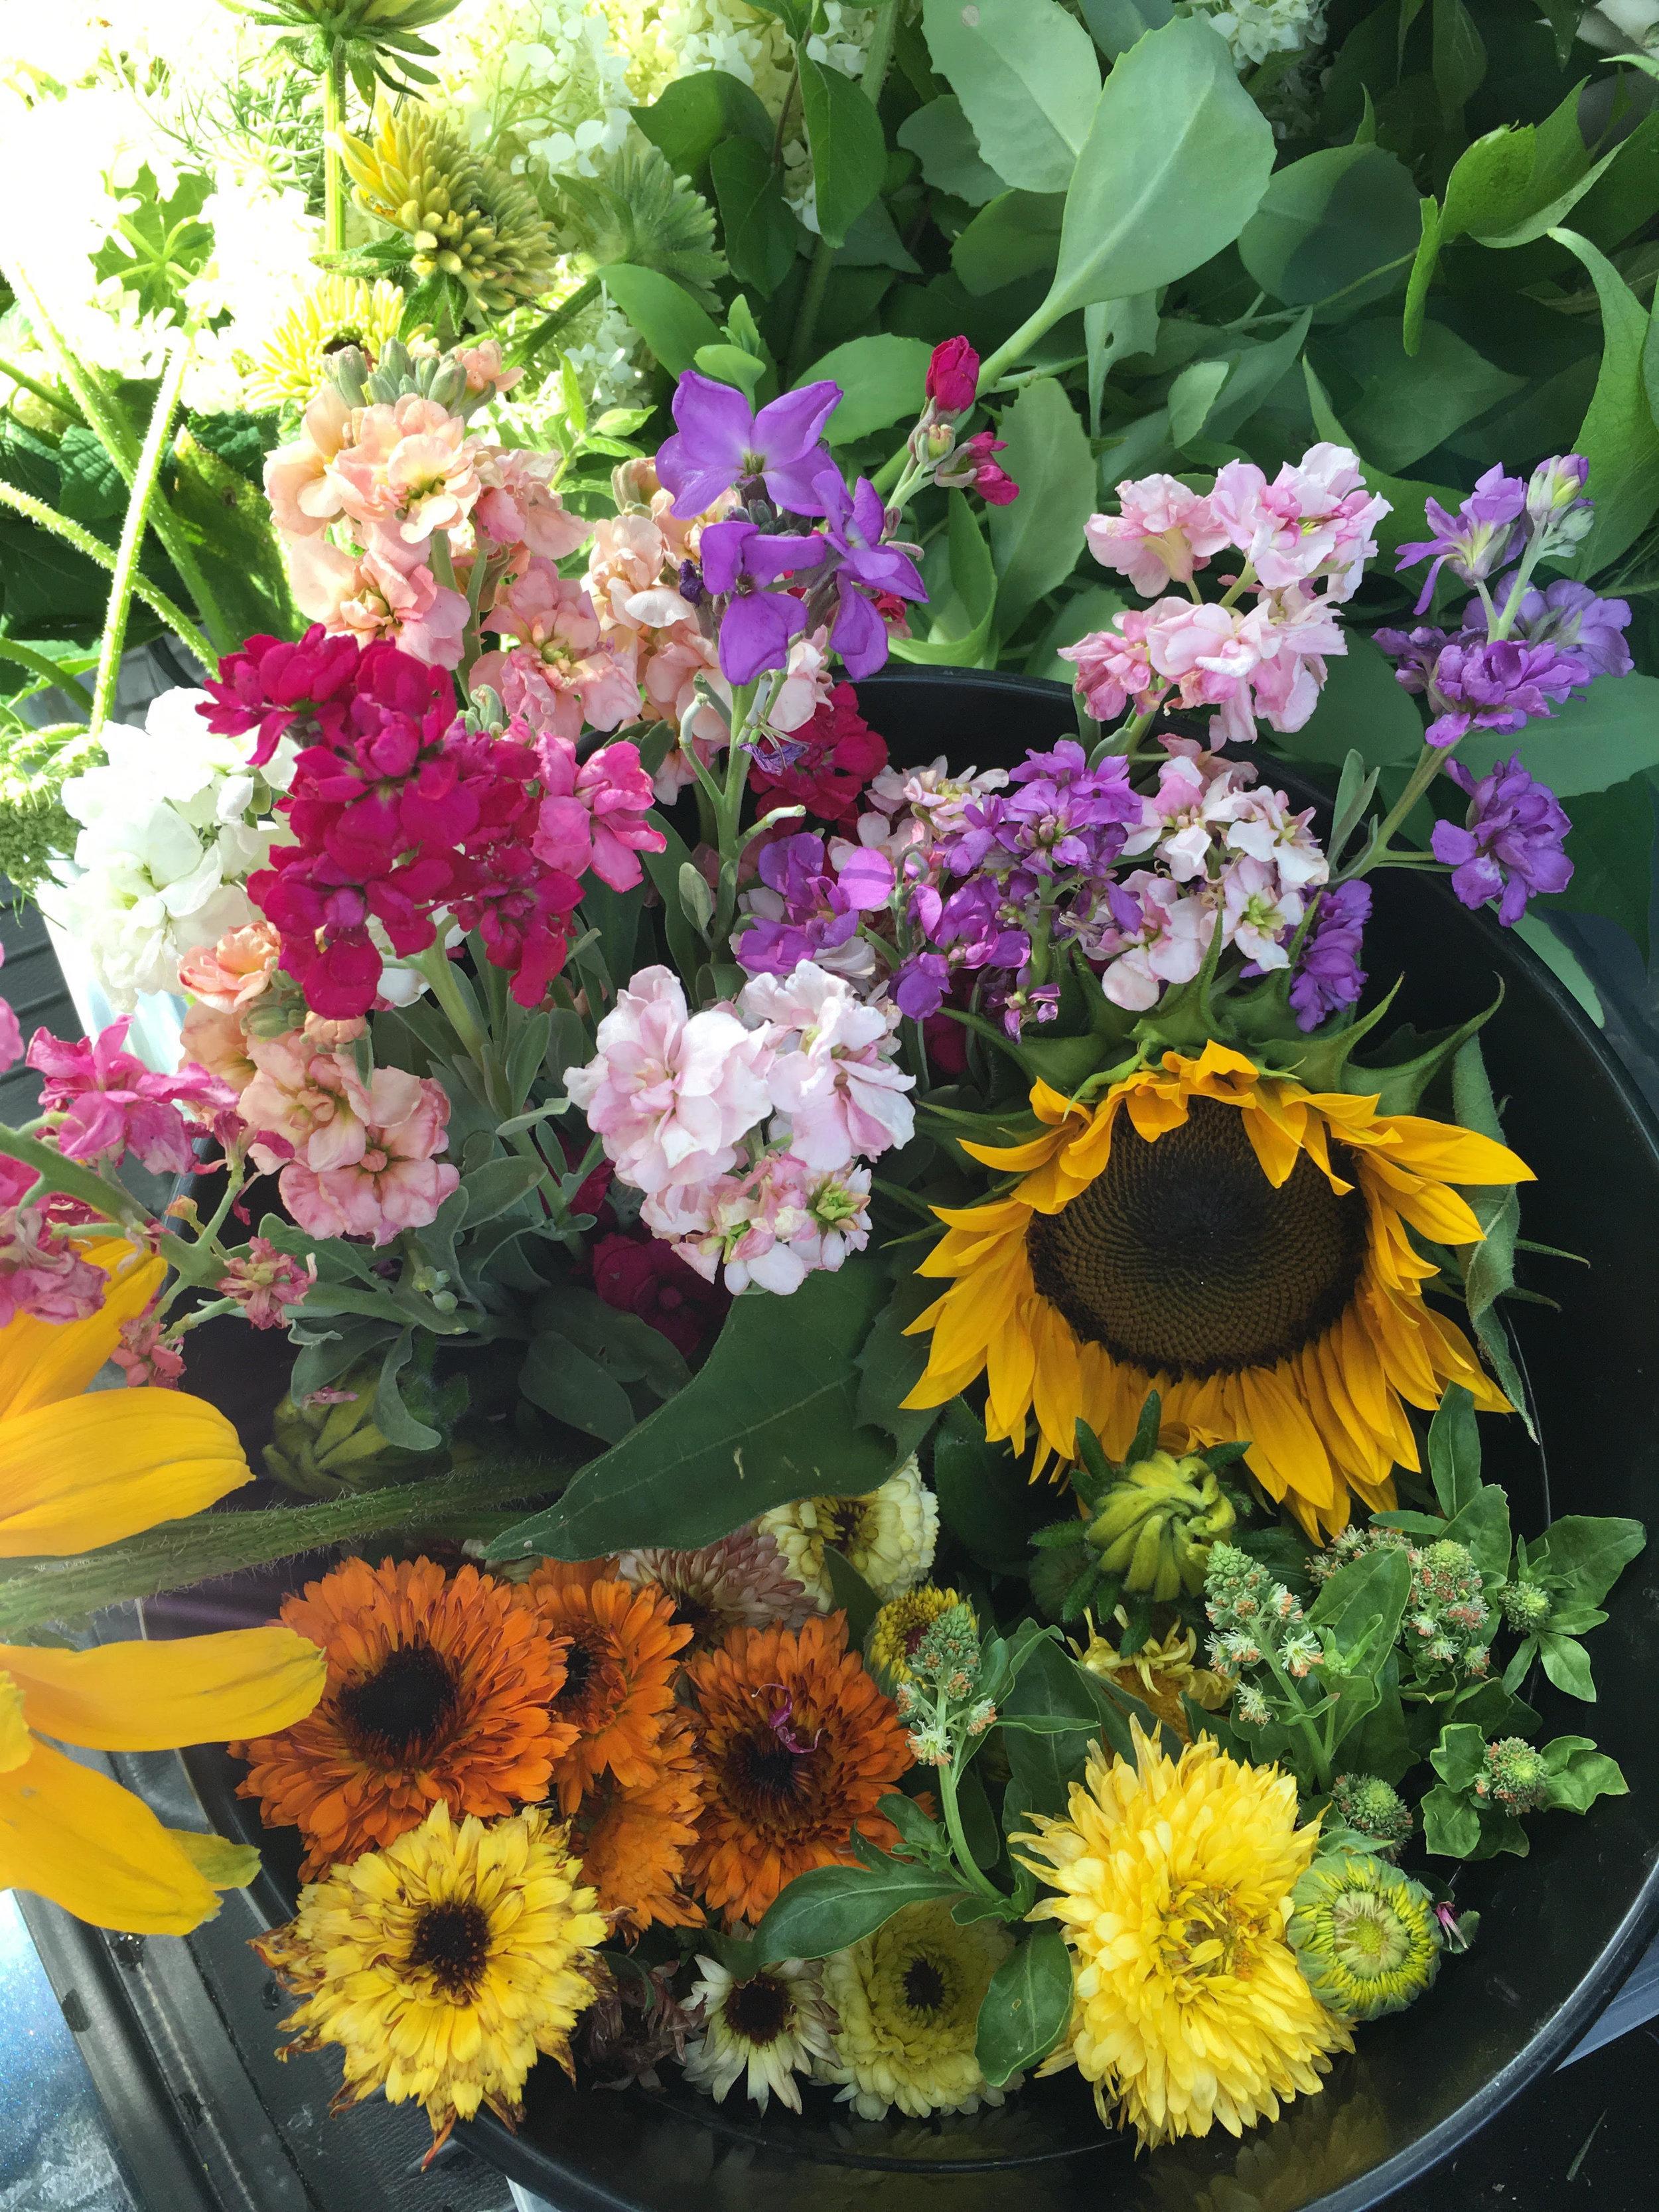 harvest buckets 6.29.19.jpg